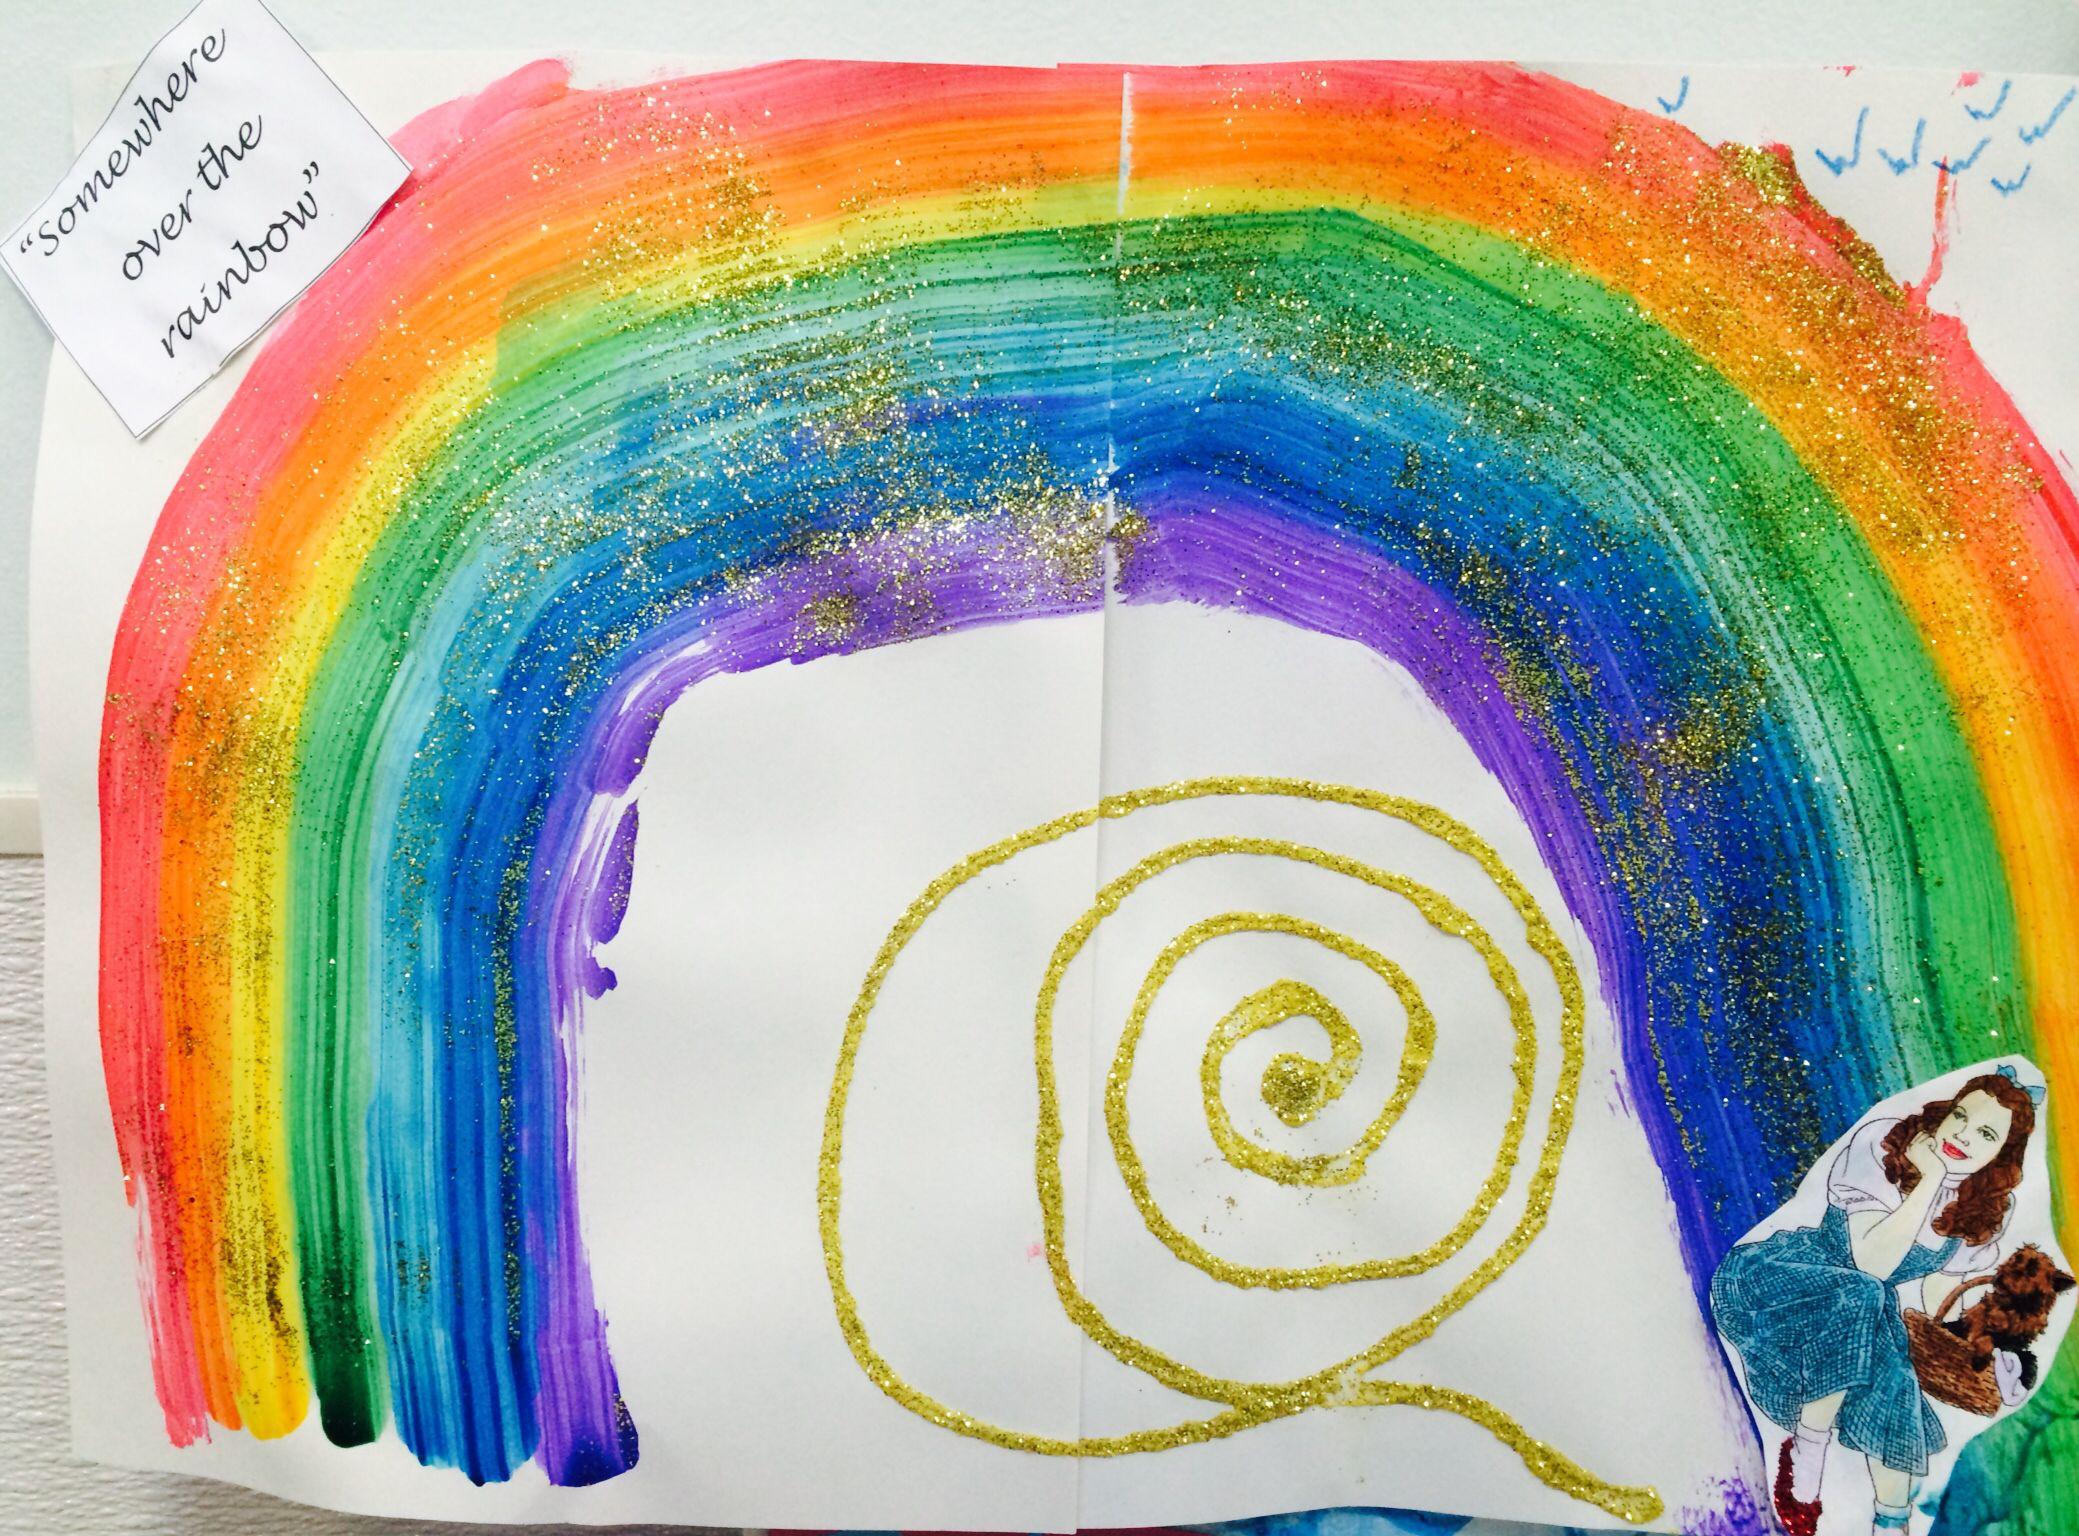 3f6332c7dfa7185a2b203114f476e261 Verwunderlich so where Over the Rainbow Dekorationen